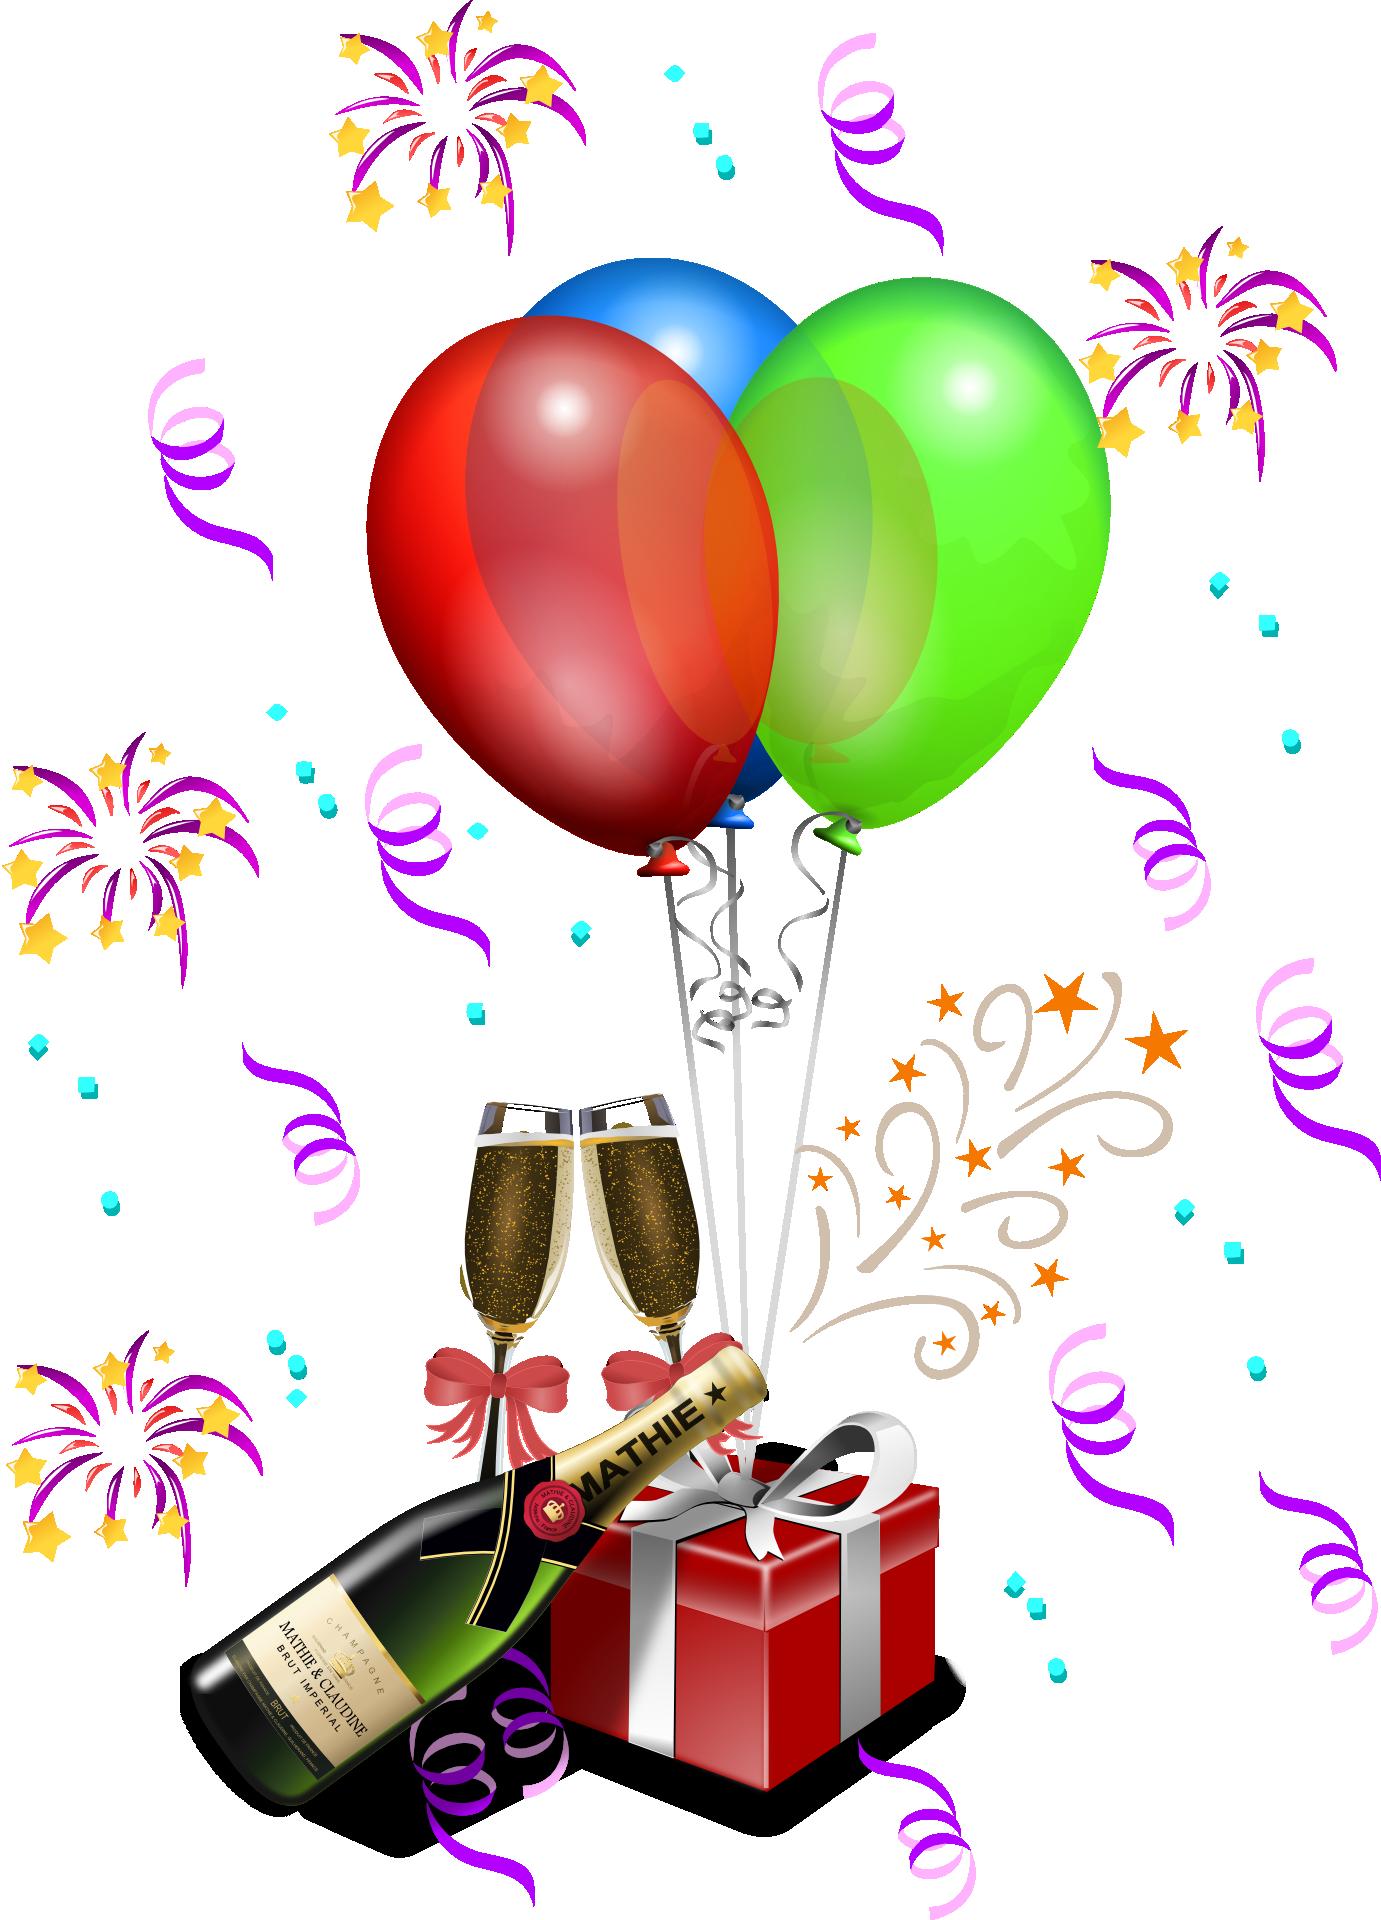 Illustrations Gratuites fêtes d' anniversaire images photos illustrations gratuites | images